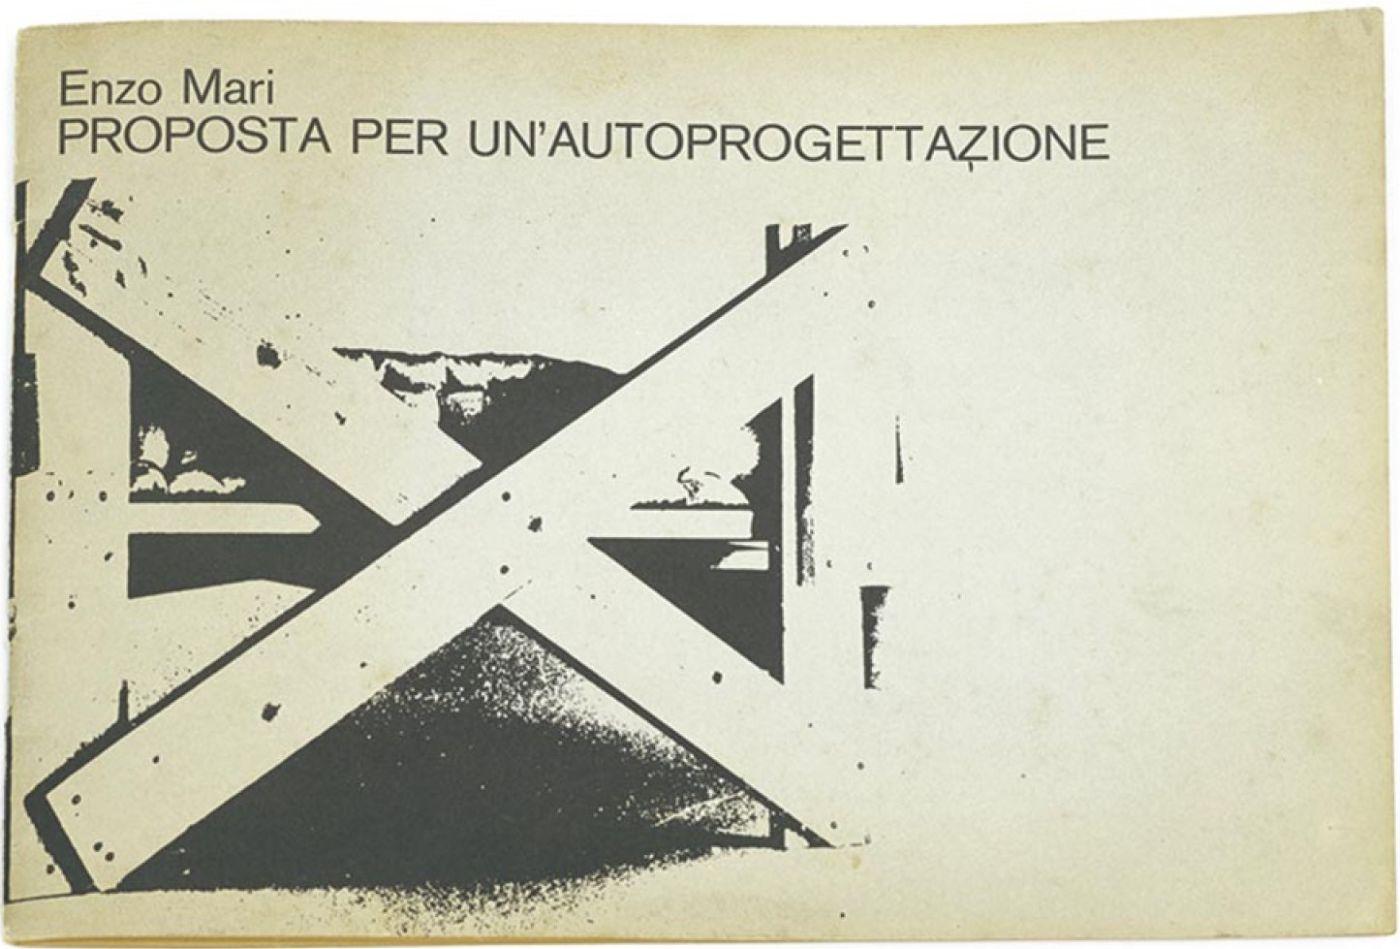 Enzo Mari, Proposta per un'Autoprogettazione,1973 - Catalogo